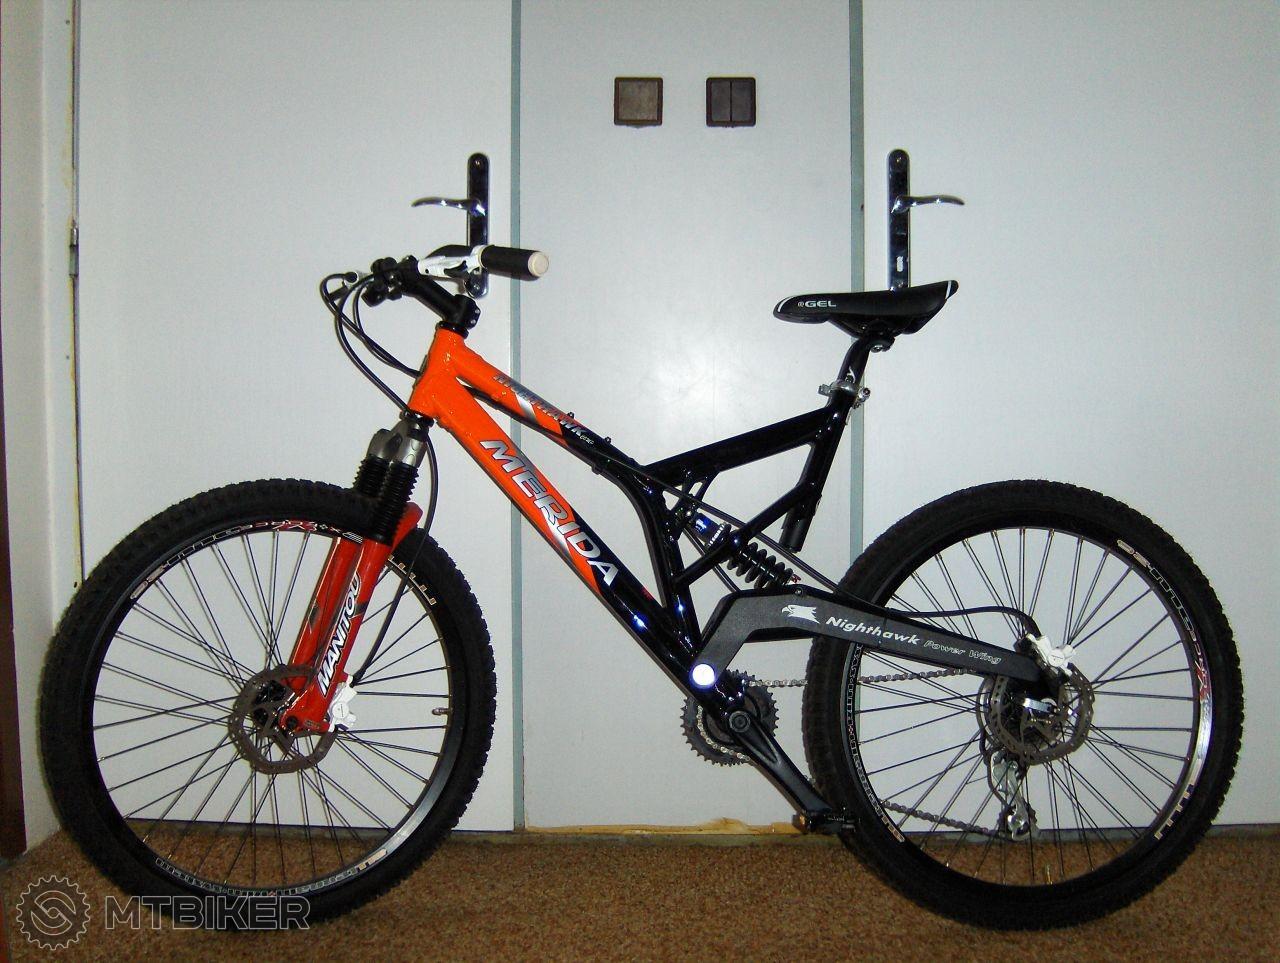 e33d0eb183211 Predám-vymením Nový Merida Nighthawk Celoodpružený-nepoužitý Bike.(nevhodný  Dar) - Bicykle - Celoodpružené - Bazár MTBIKER